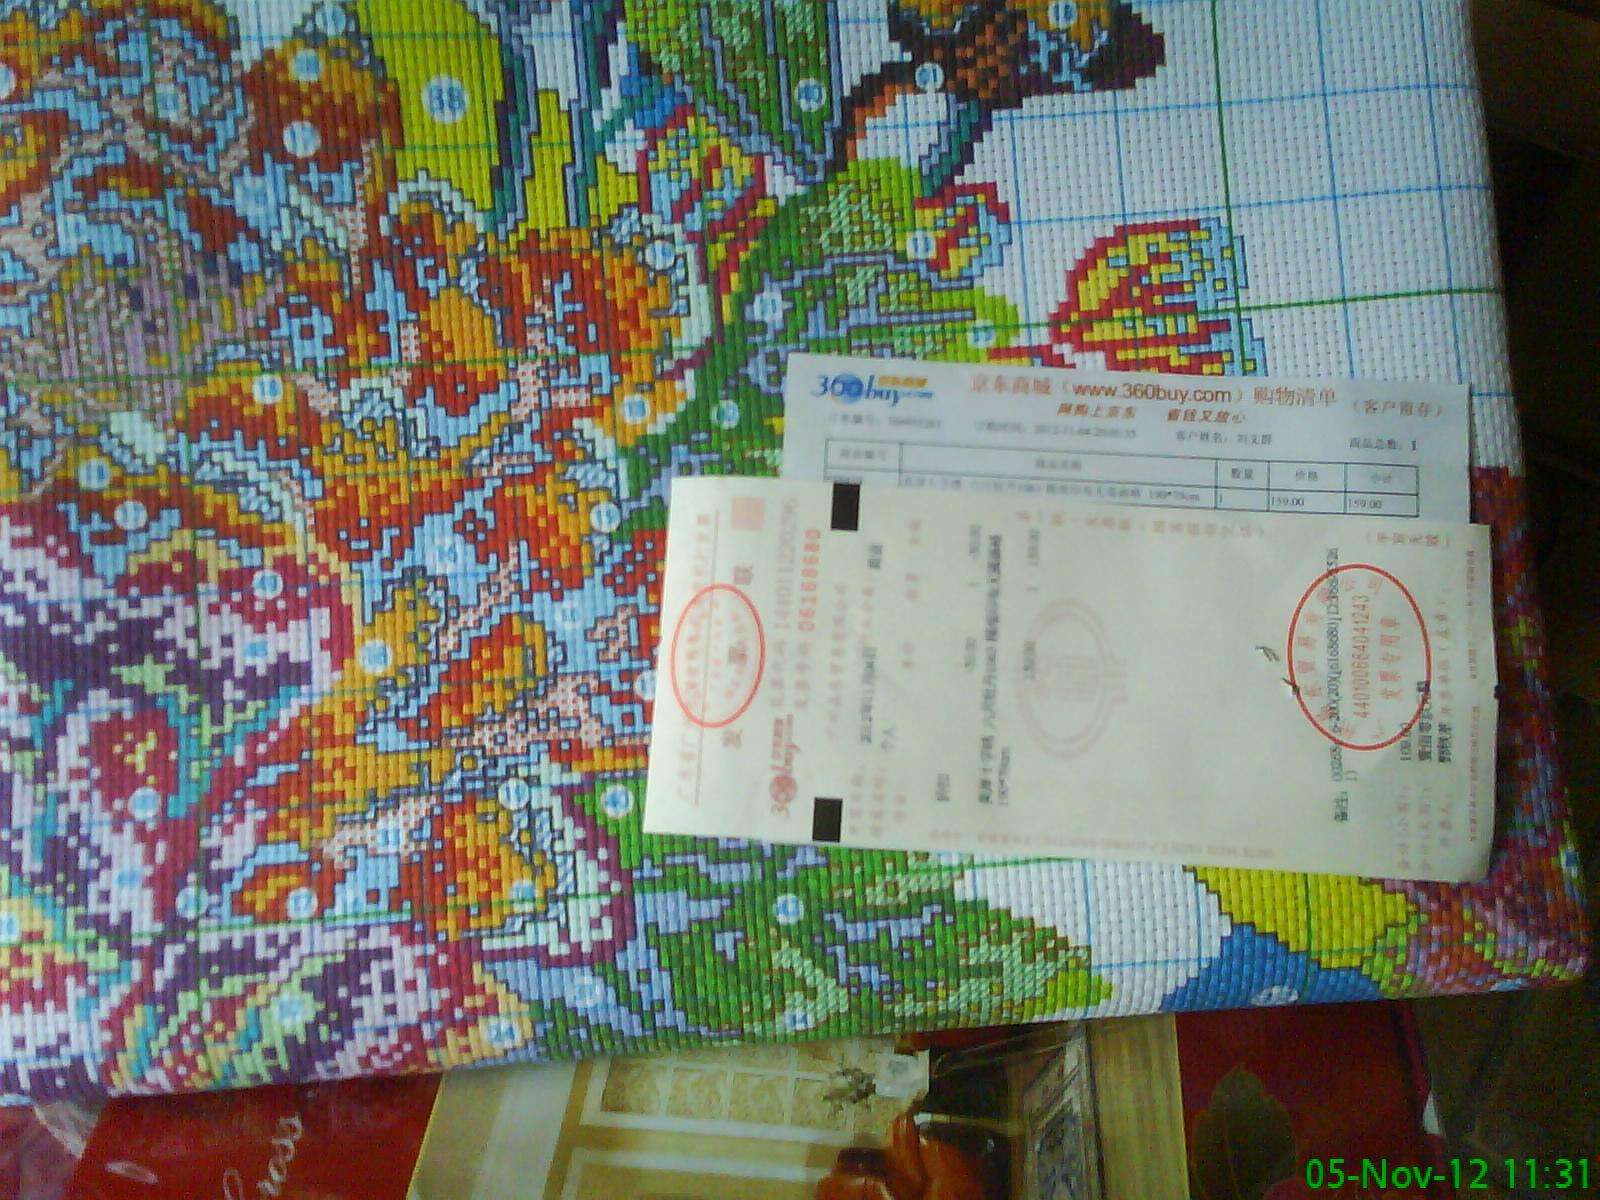 purses buy 00239285 shop